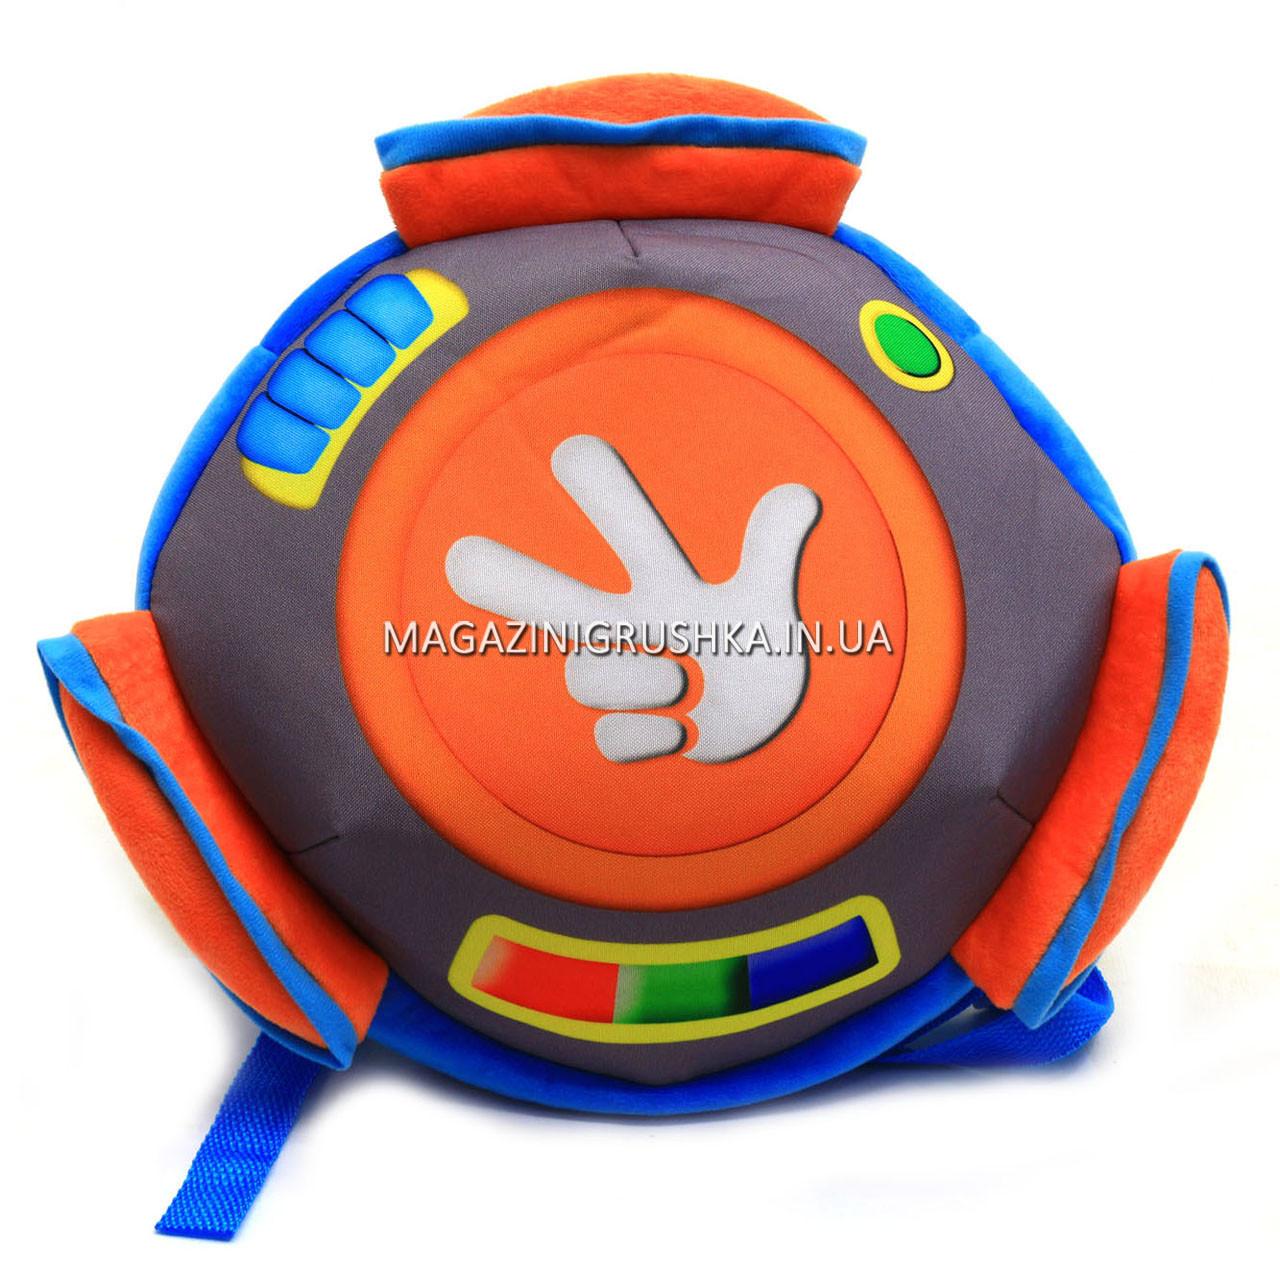 Рюкзачок «Фиксики» для детей - Помогатор 00205-81